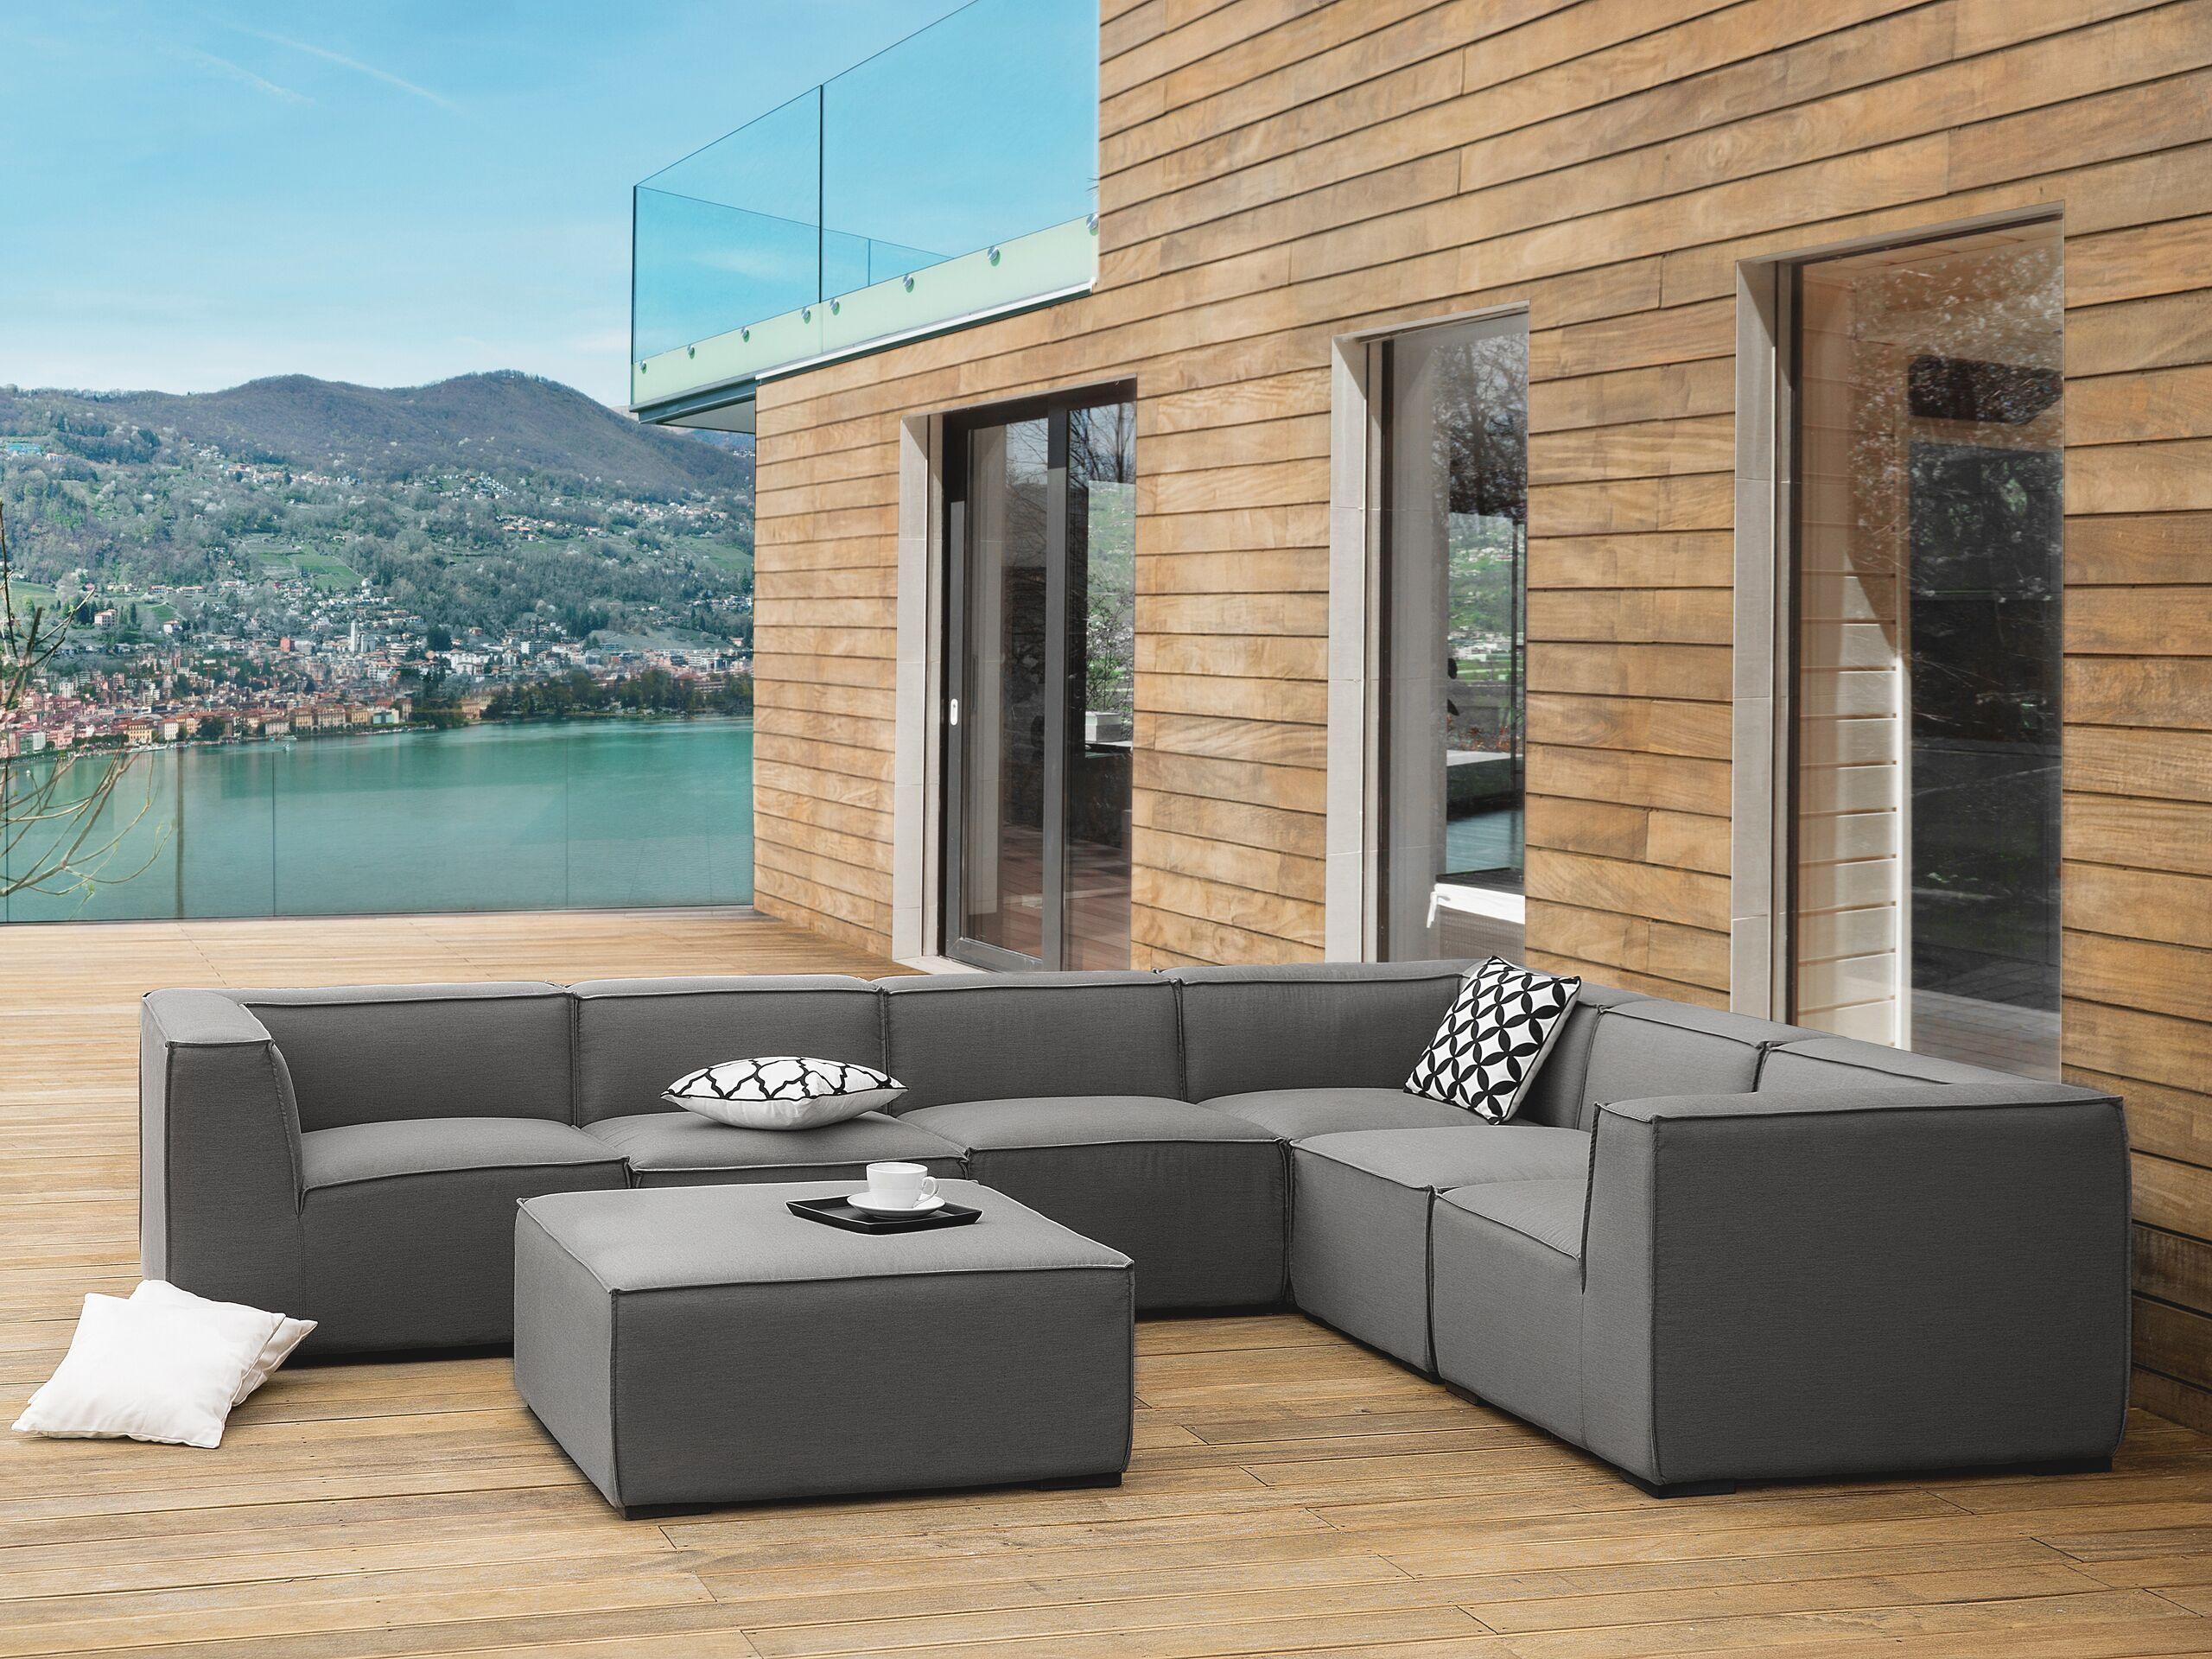 beliani set da salotto grigio a 7 posti componibile con pouf per esterno e interno